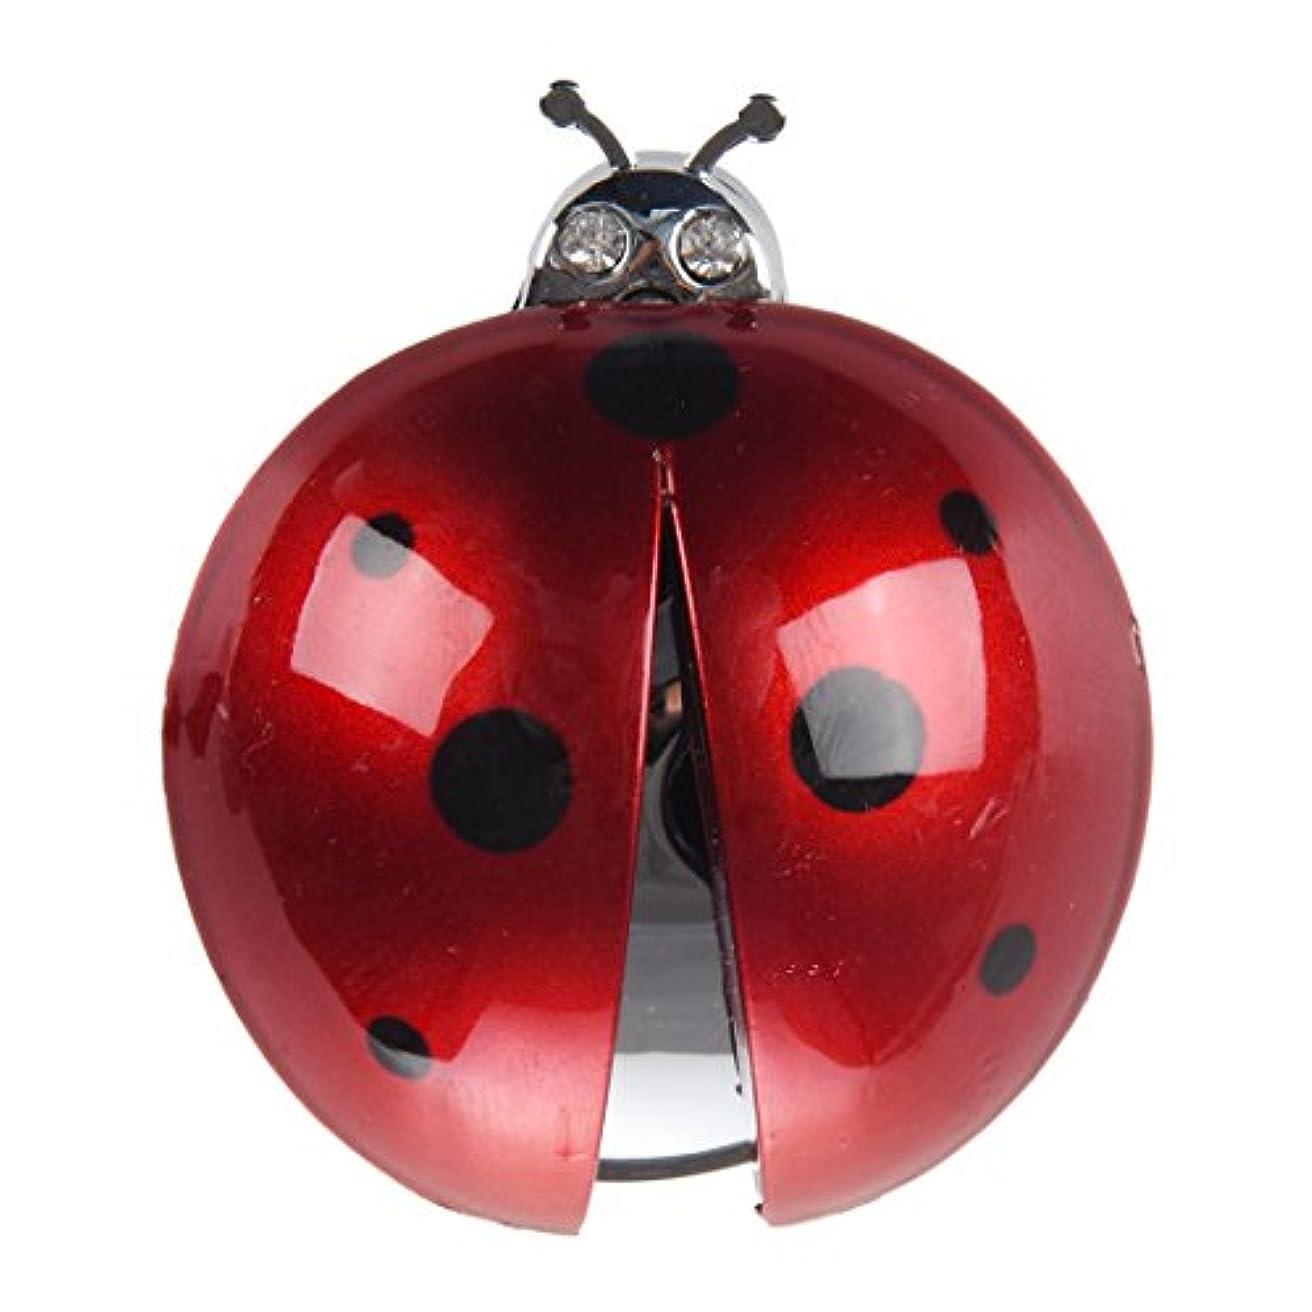 続編積極的に任意Naliovker Naliovker(R)車の空気ベント てんとう虫のデザイン フレグランス 清浄 芳香 ダークレッド